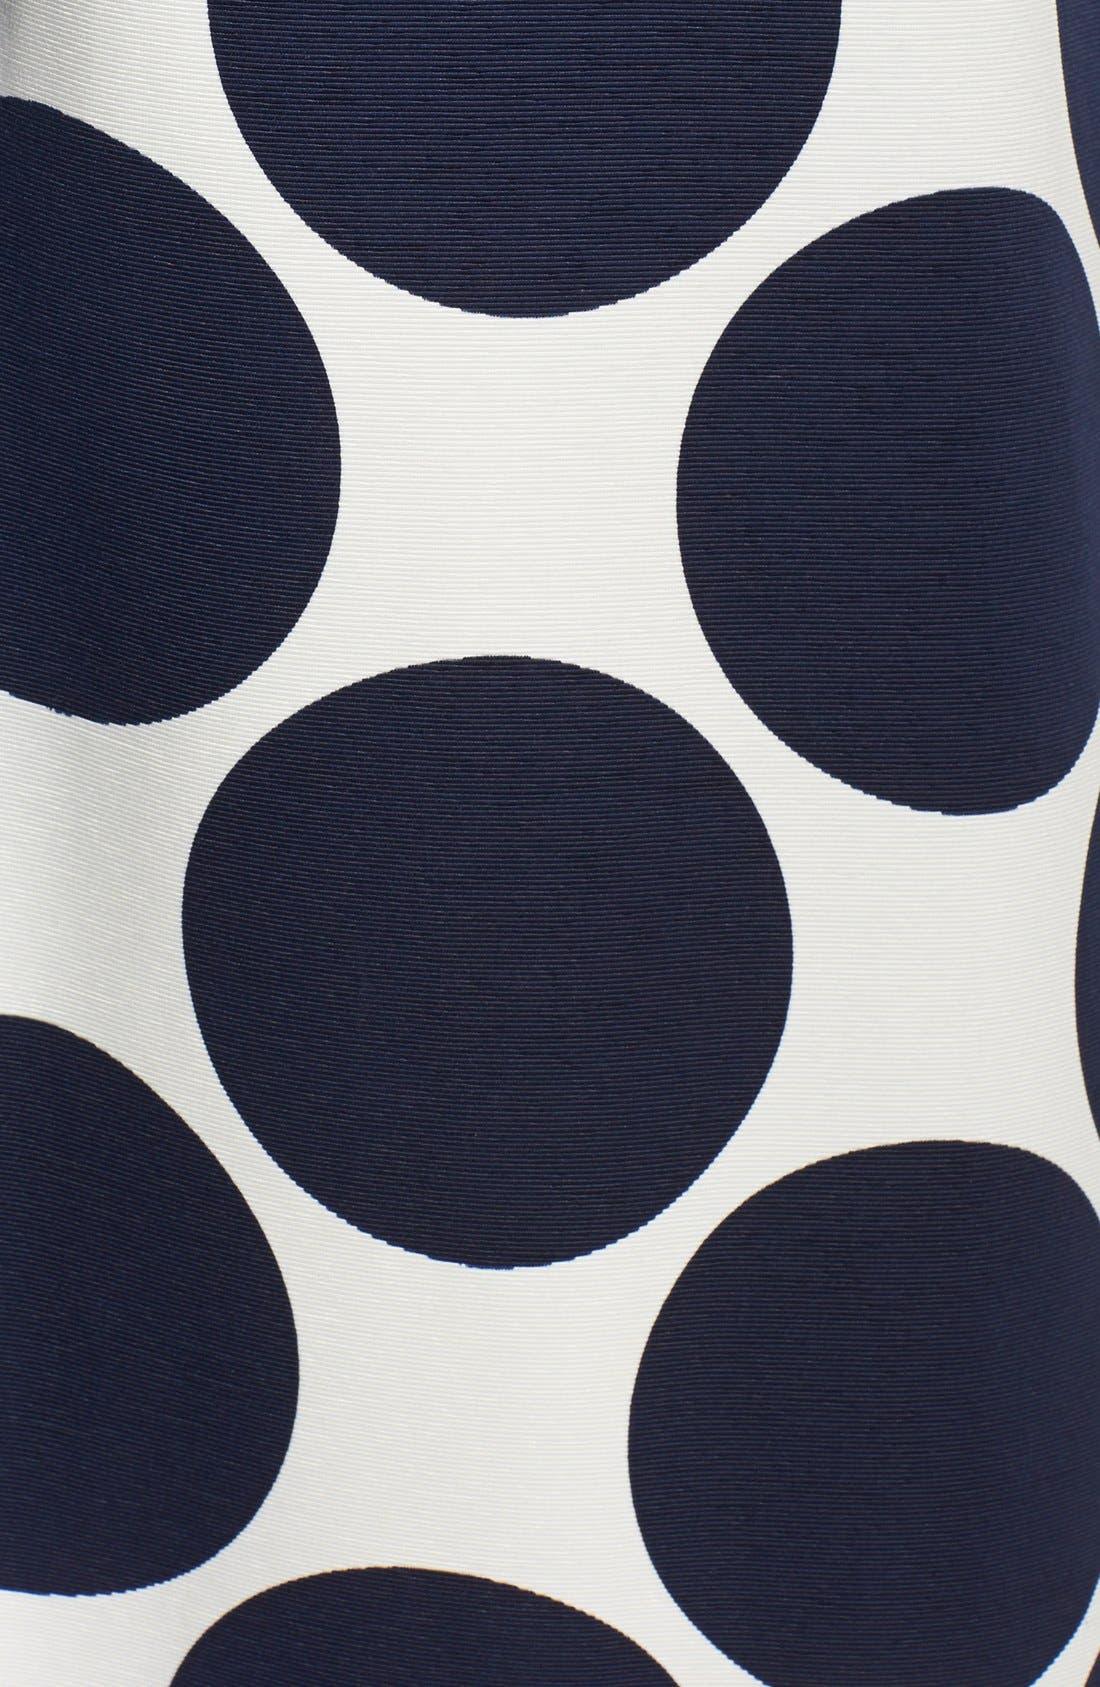 Pleated Dot Print Ball Skirt,                             Alternate thumbnail 3, color,                             Navy/ Ivory